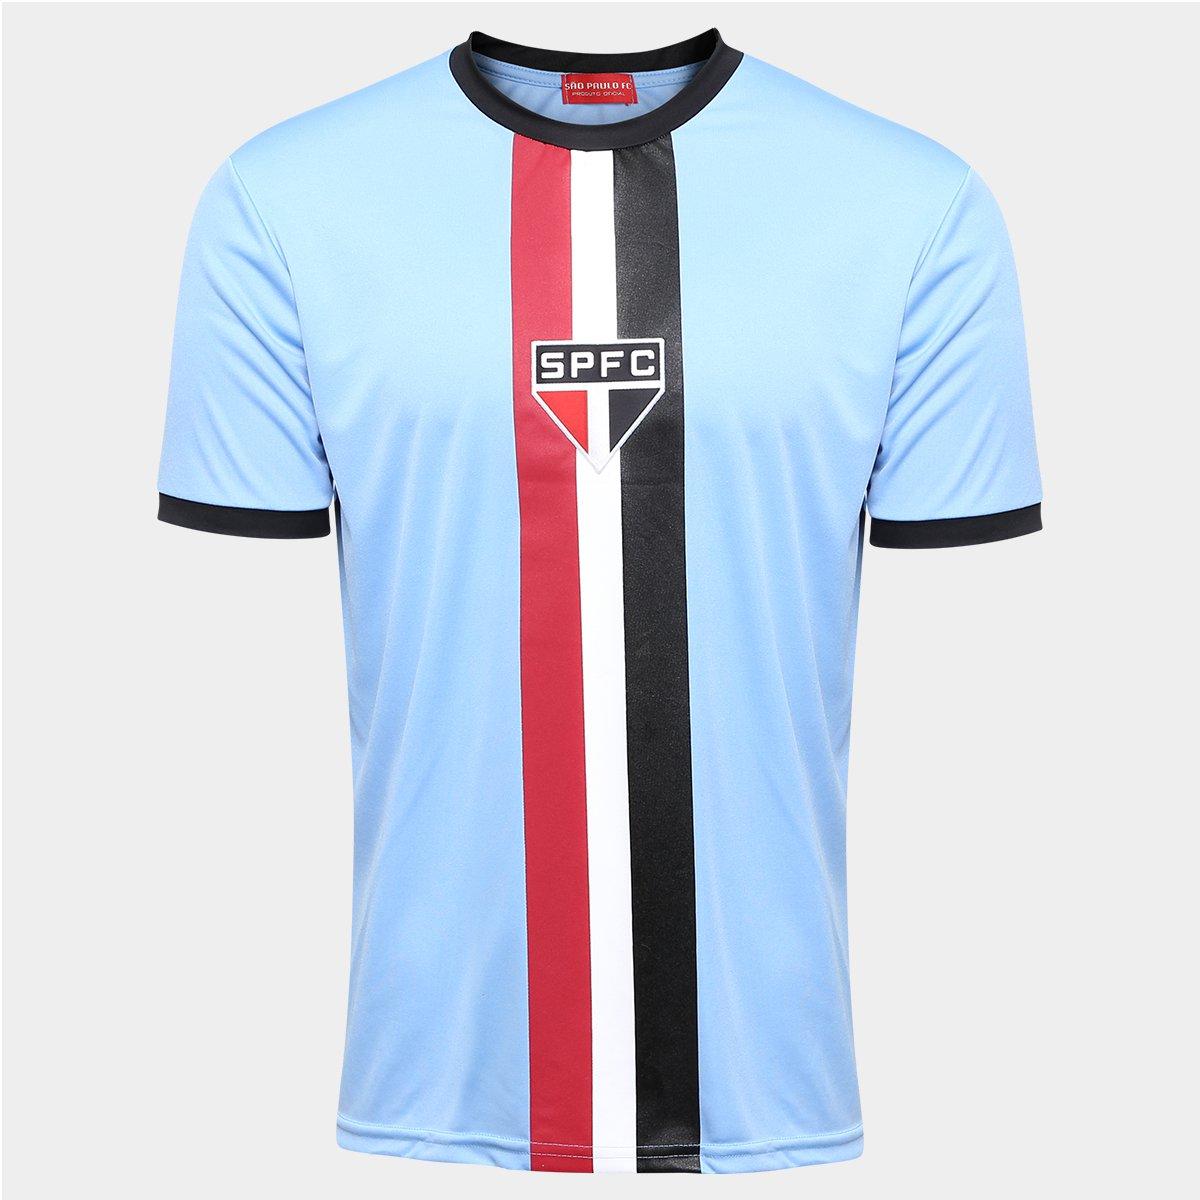 c2efad89cbd Camisa São Paulo Edição Limitada Celeste Masculina - Compre Agora ...